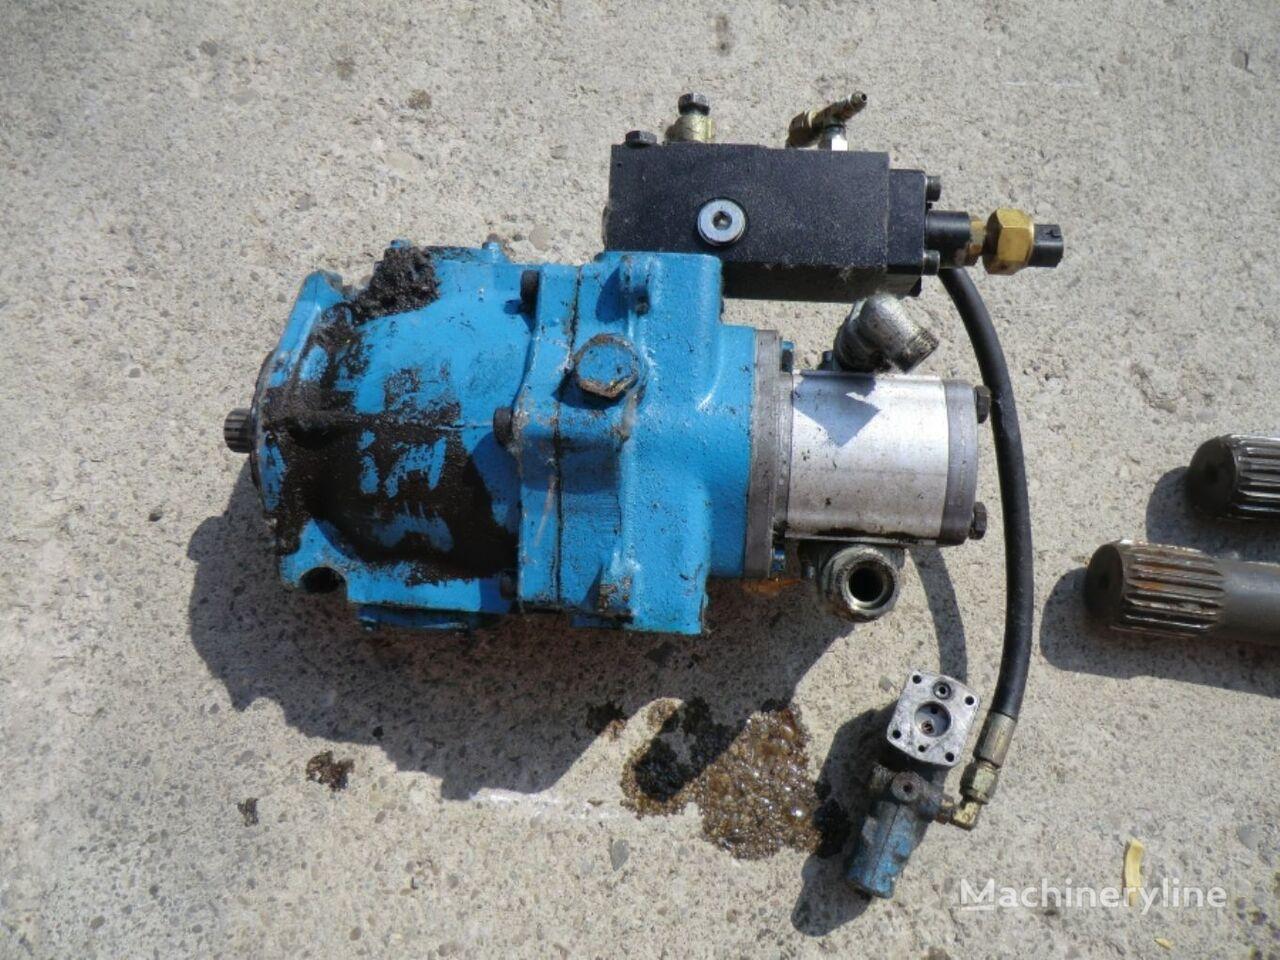 SENSOR & VANE PUMP & SHAFT spare parts for VOLVO L120C 11757 wheel loader